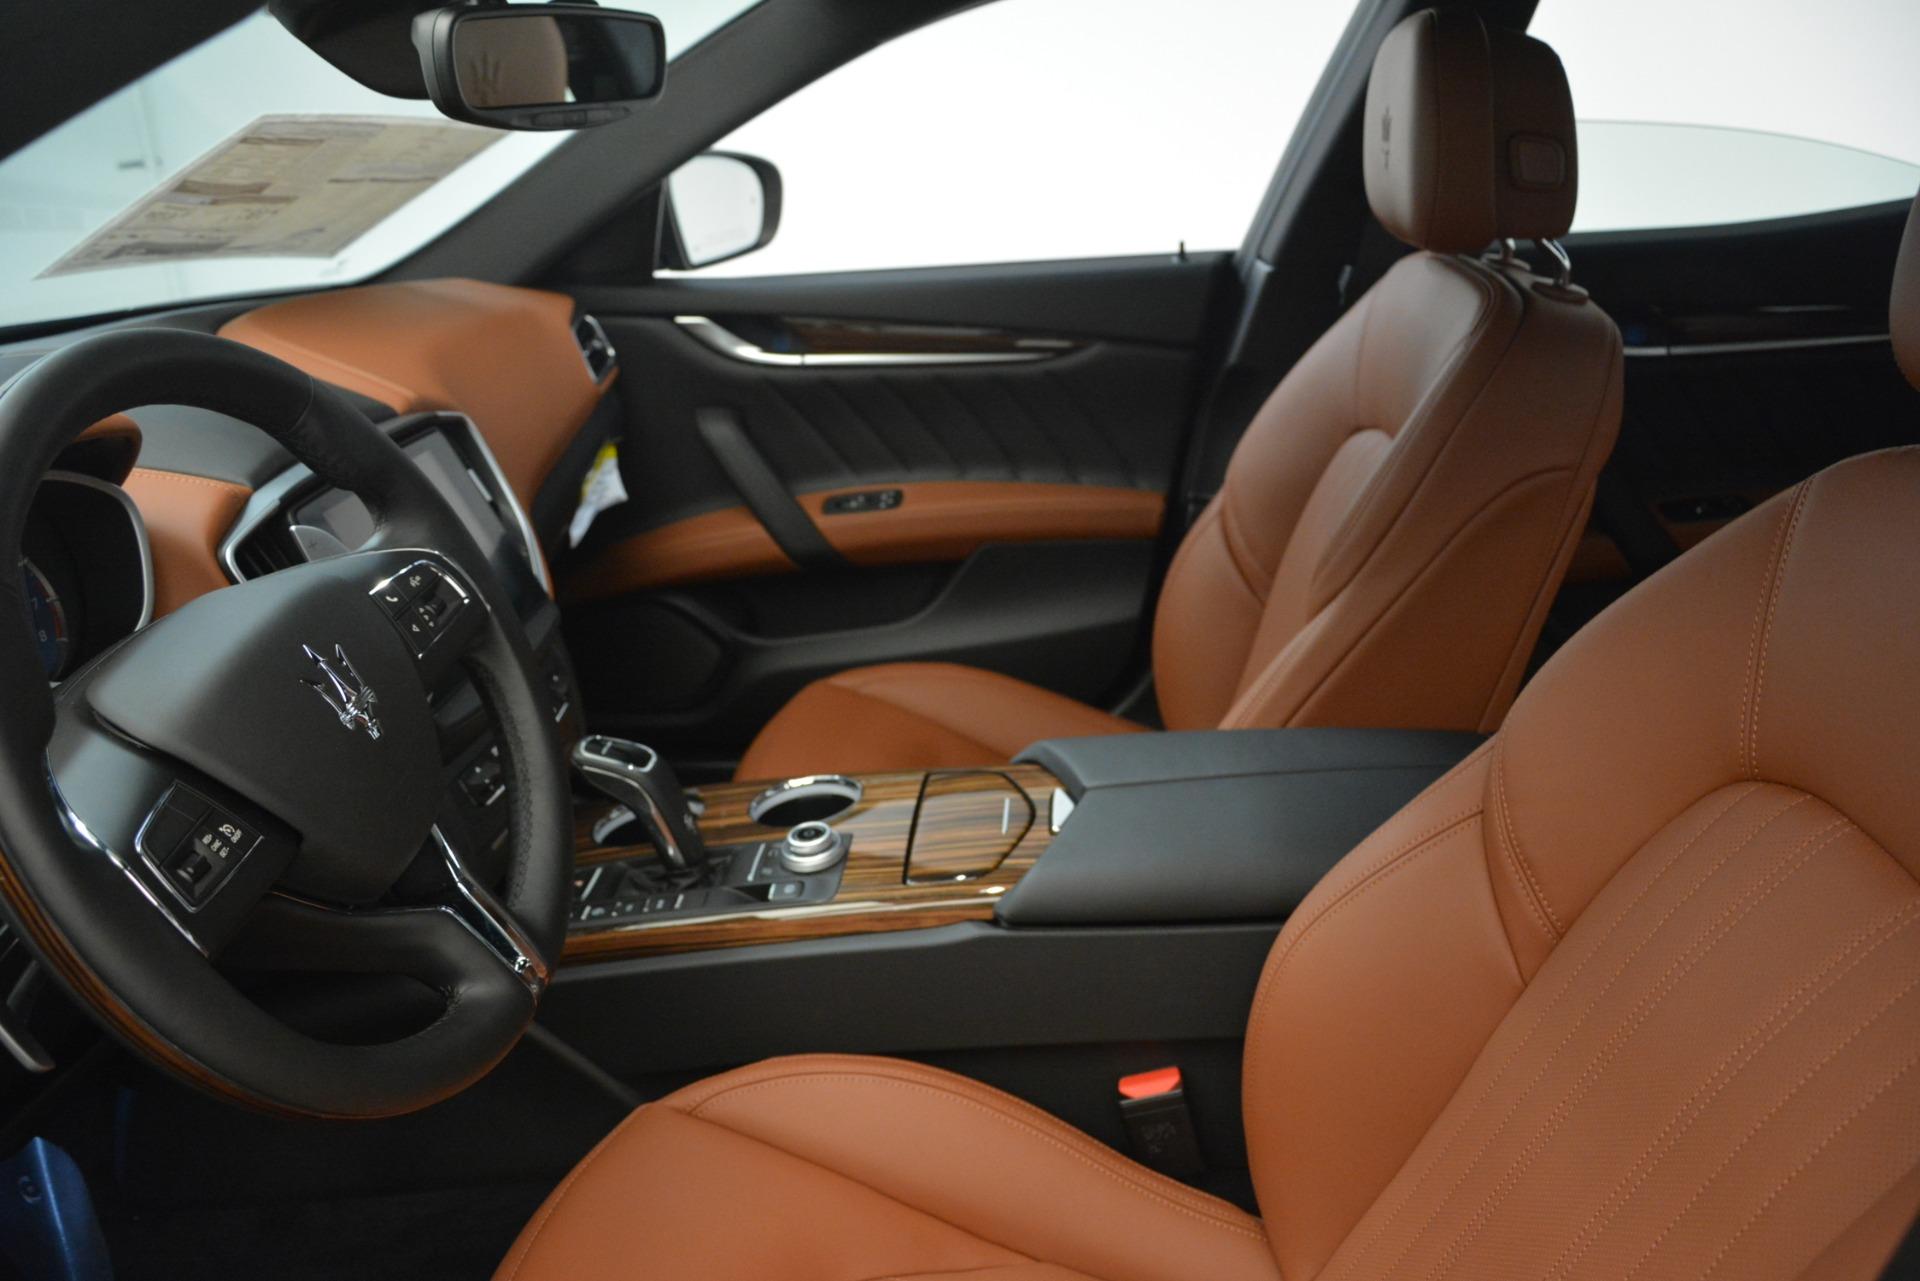 New 2019 Maserati Ghibli S Q4 GranLusso For Sale 93790 In Greenwich, CT